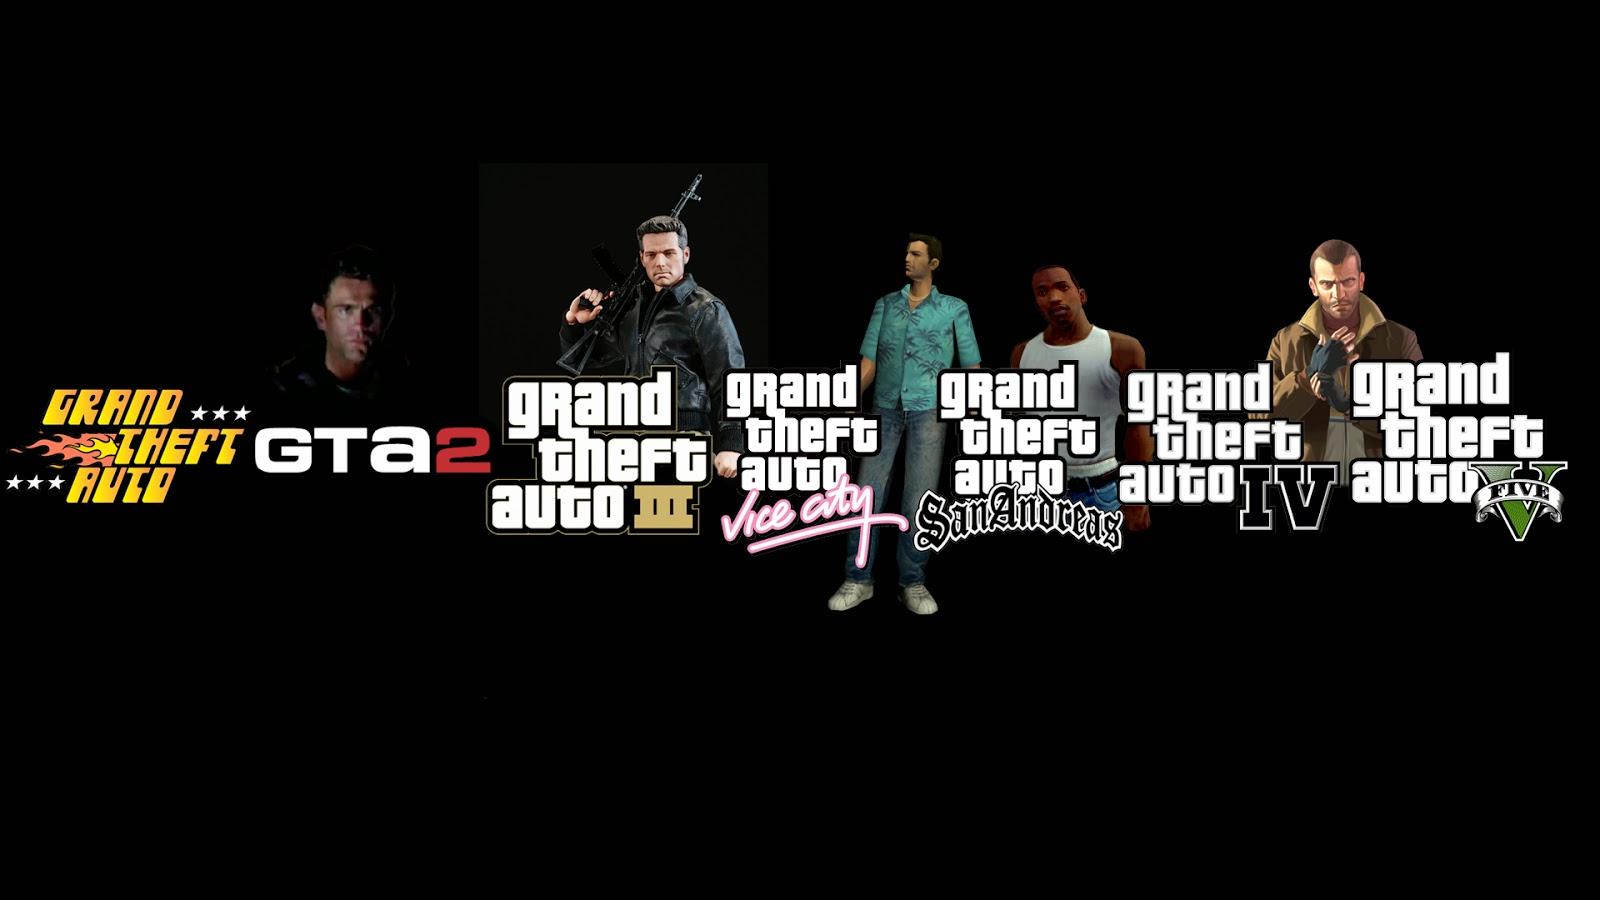 Ipad Retina Hd Wallpaper Rockstar Games: Historia De Rockstar Games [Loquendo] [Documental